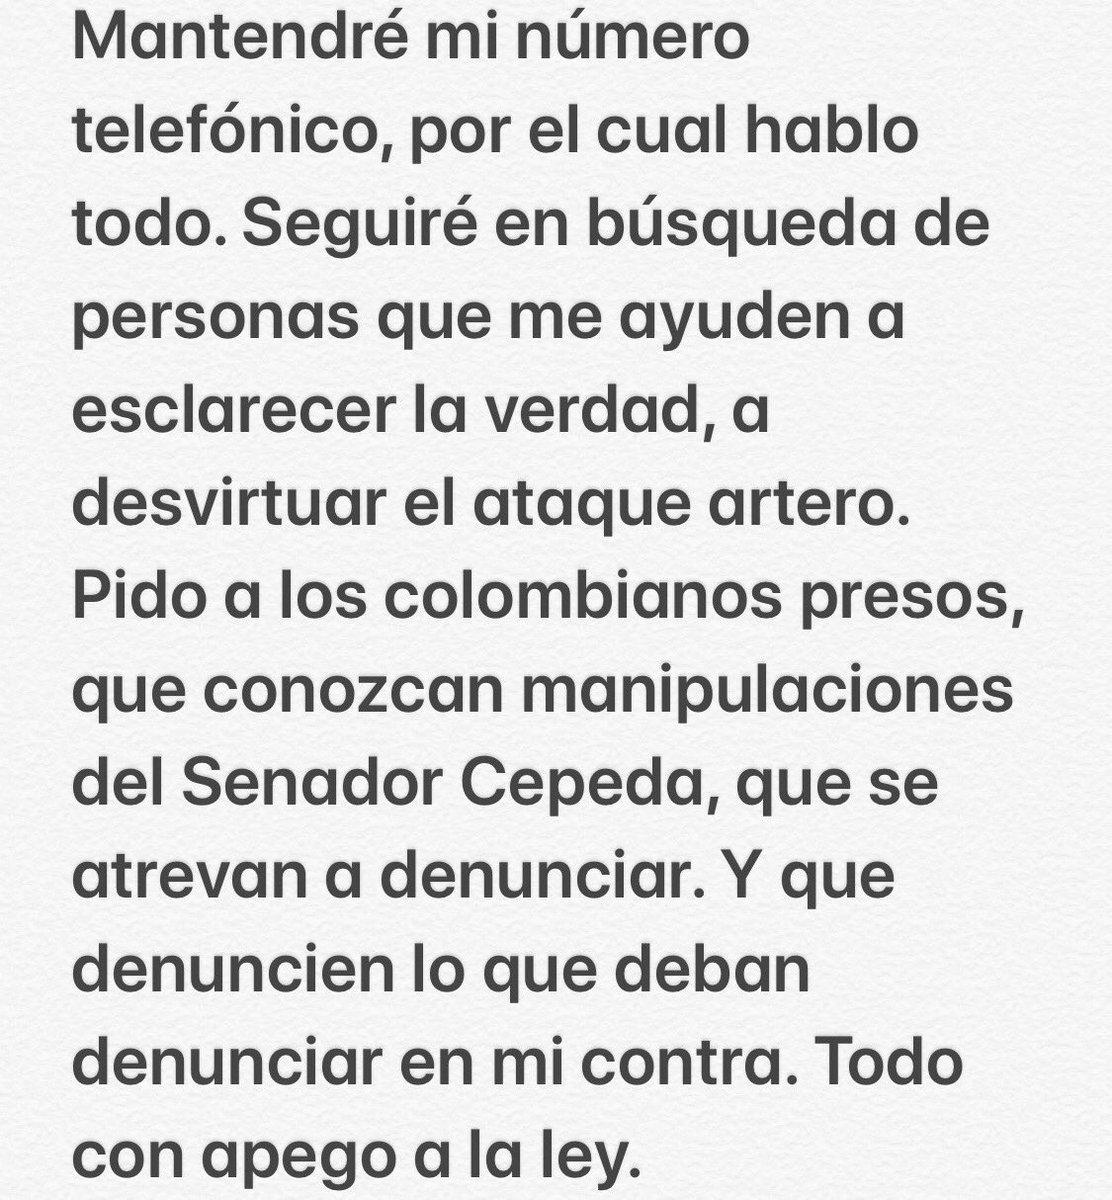 Seguiré en búsqueda de personas que me ayuden a esclarecer la verdad,a desvirtuar el ataque artero. Pido a los colombianos presos,que conozcan manipulaciones del Senador Cepeda,que se atrevan a denunciar.Y que denuncien lo que deban denunciar en mi contra.Todo con apego a la ley.